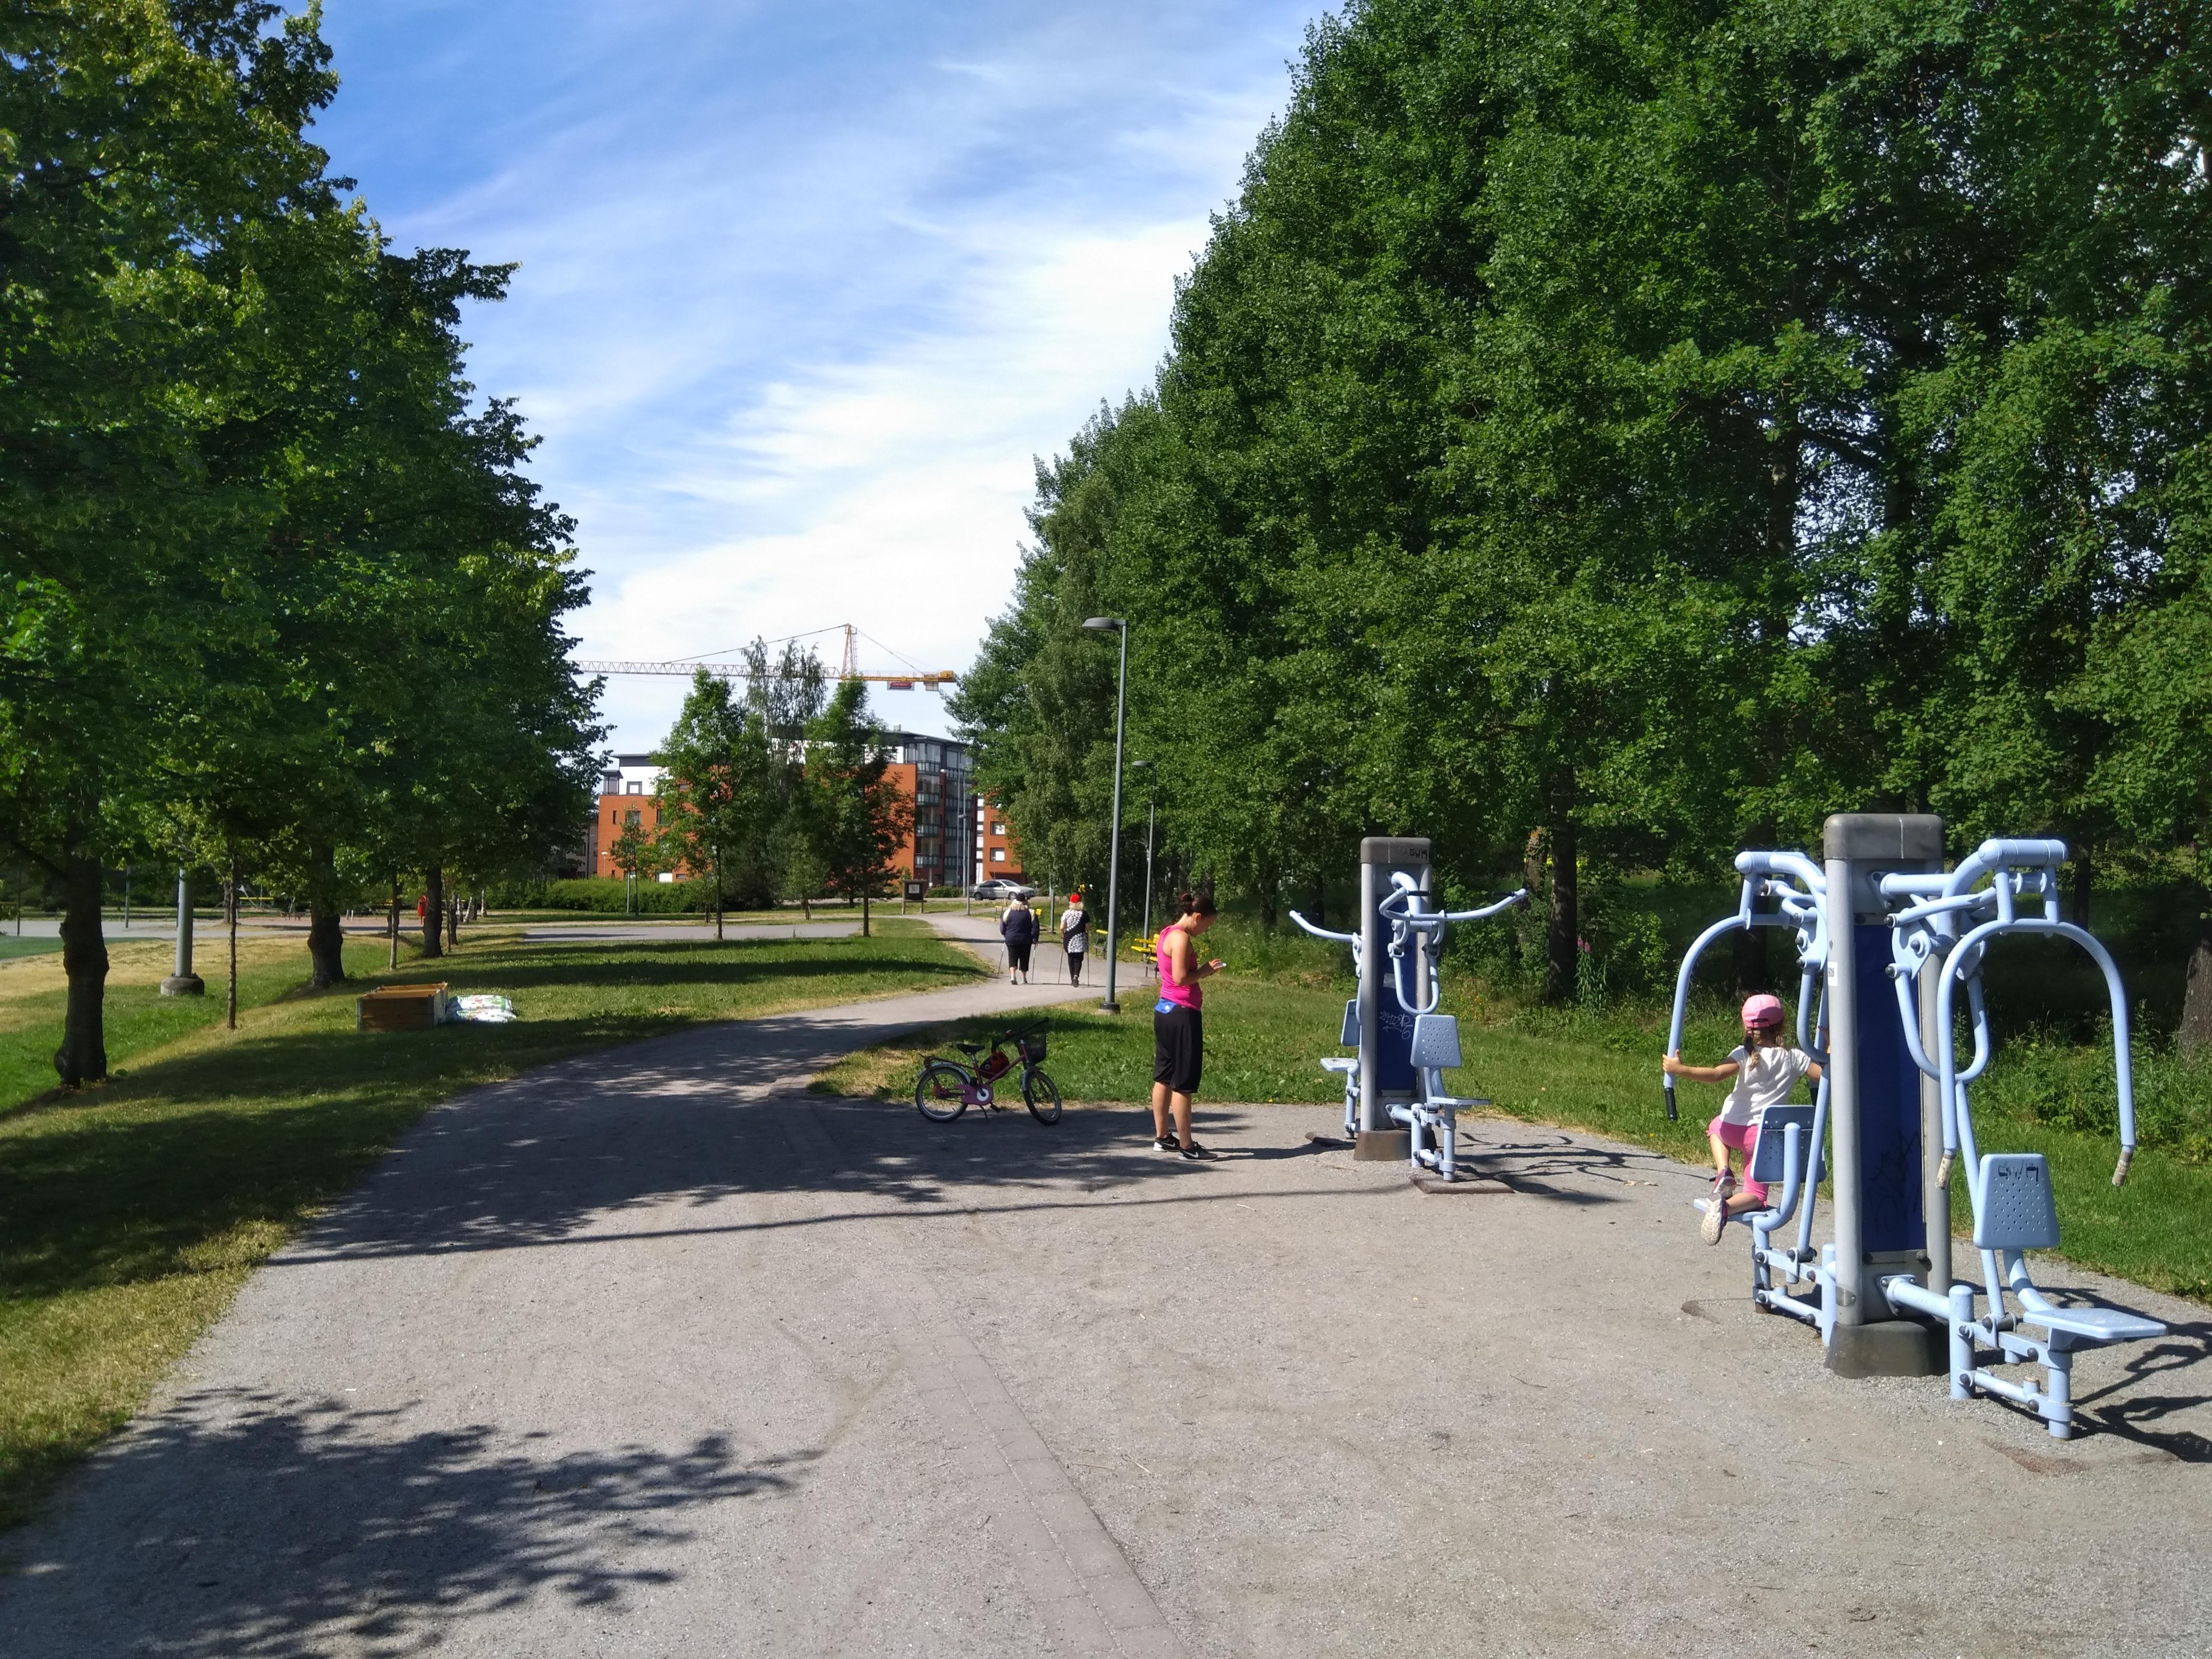 Uusia ulkokuntoiluvälineitä ja piknikpöytiä Teräsrautelanpuistoon